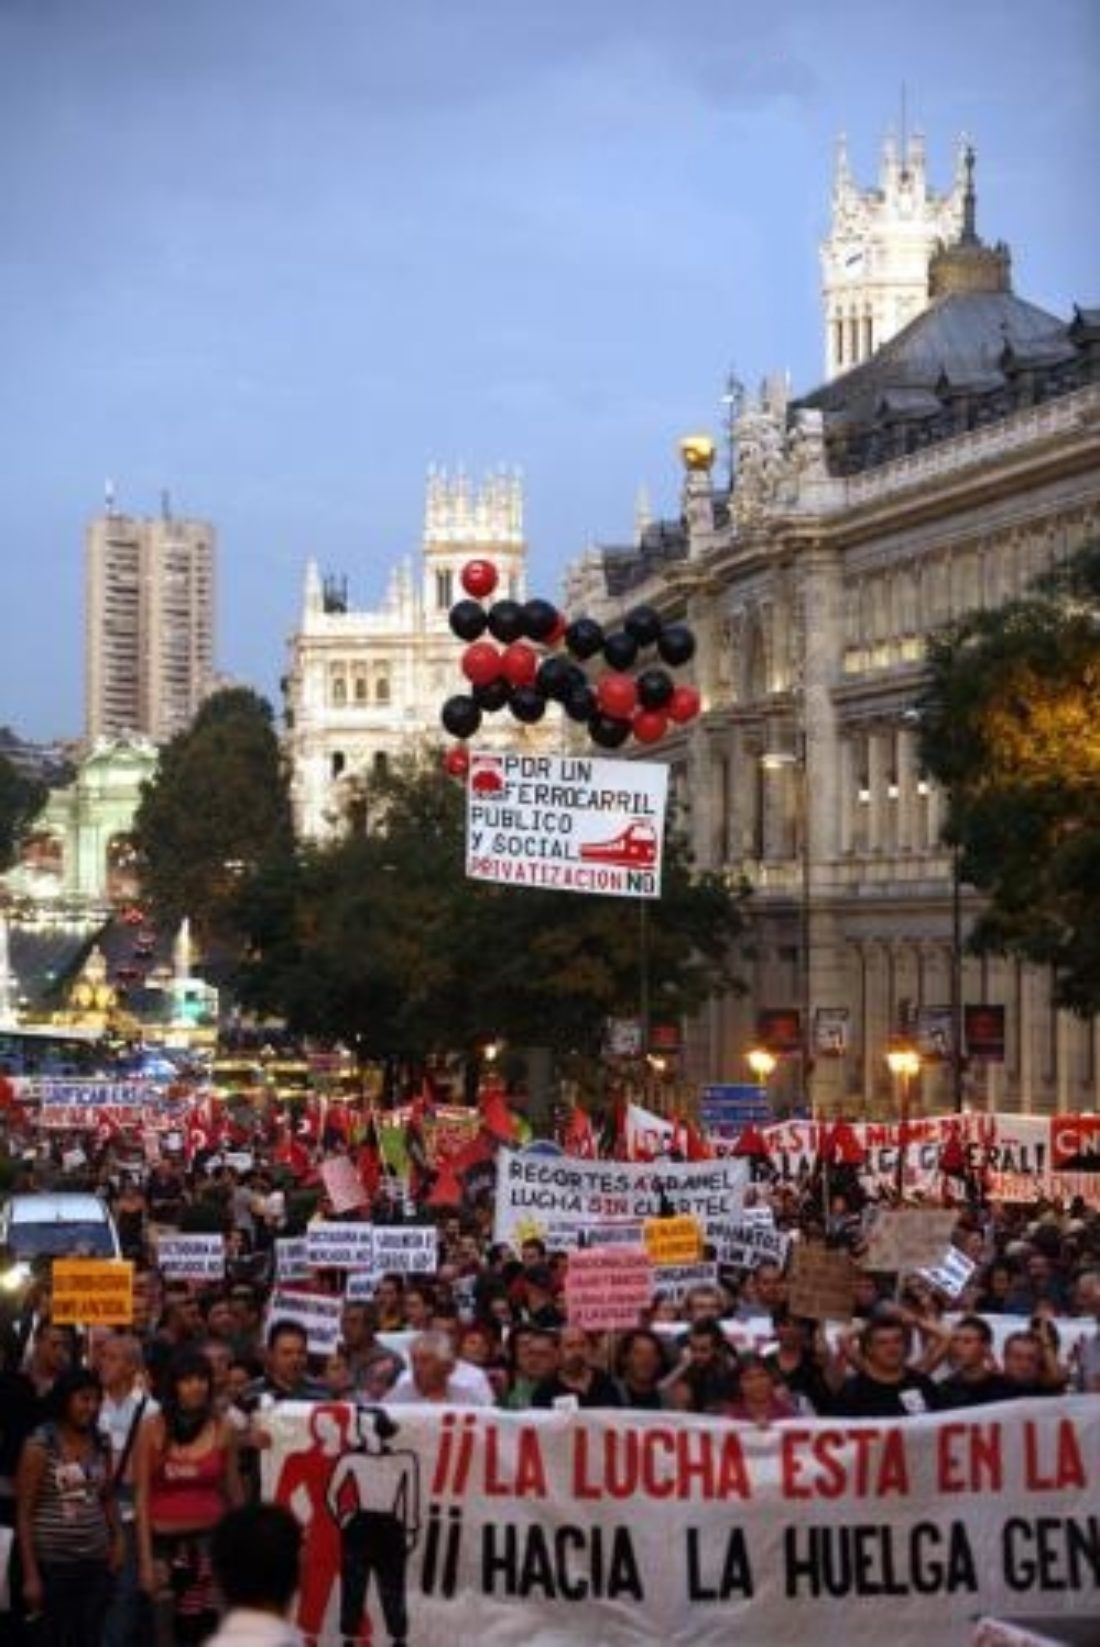 Acciones y Manifestaciones de la Jornada de Lucha 29S: Crónicas e imágenes